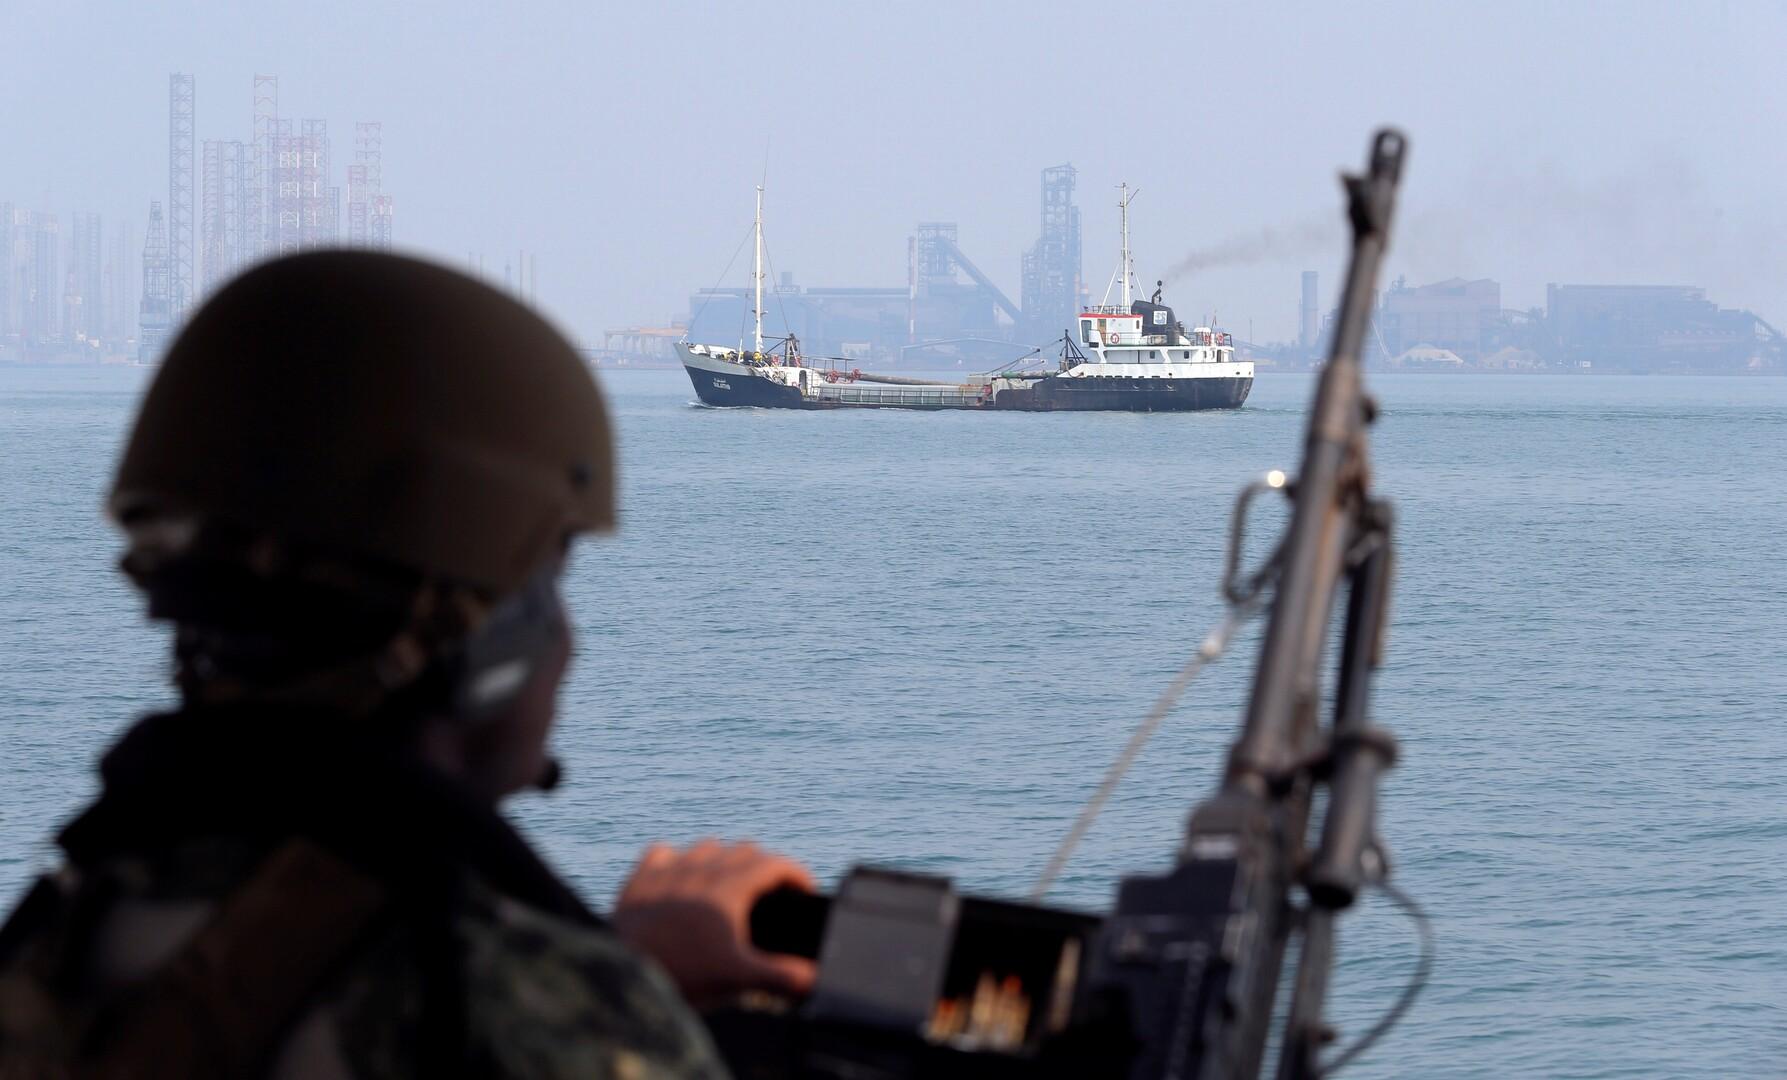 منشآت النفط الإيرانية تستعد لمواجهة هجمات سيبرانية محتملة